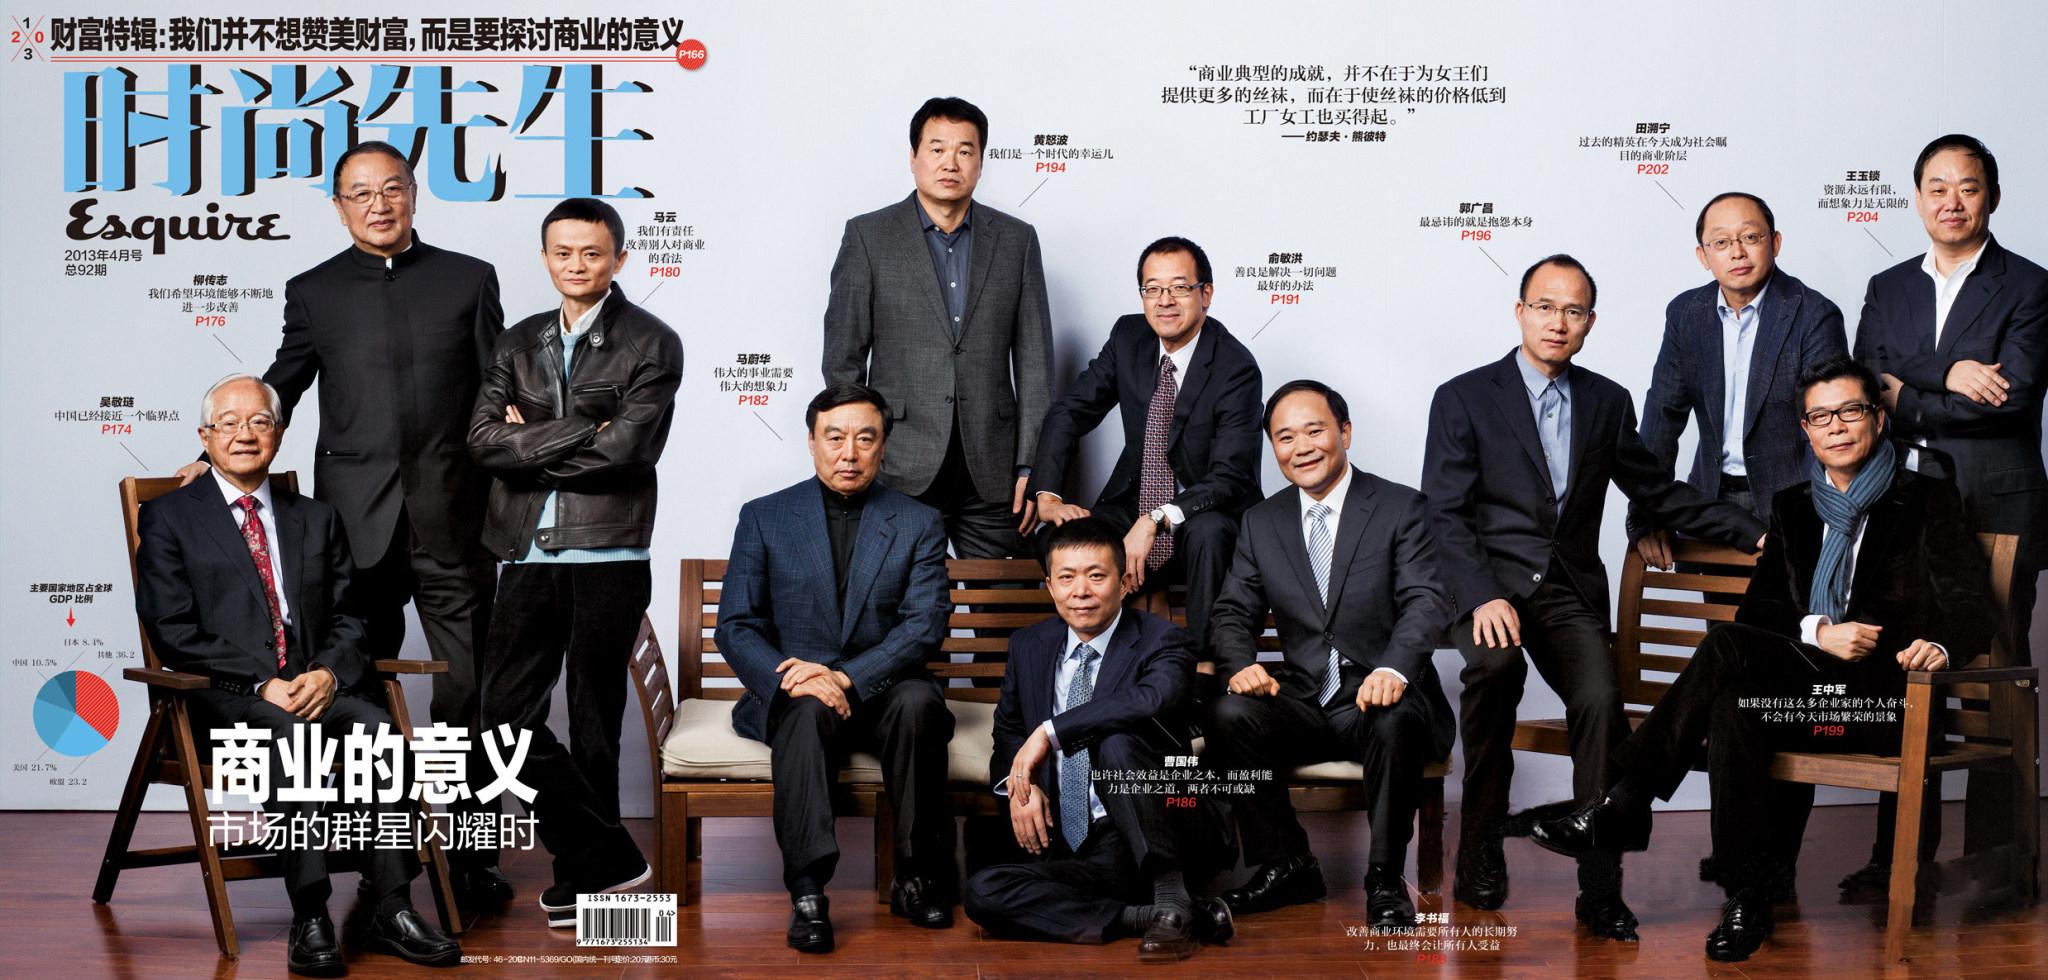 黄怒波董事长与其他十一位中国商界领袖同登《时尚先生》封面